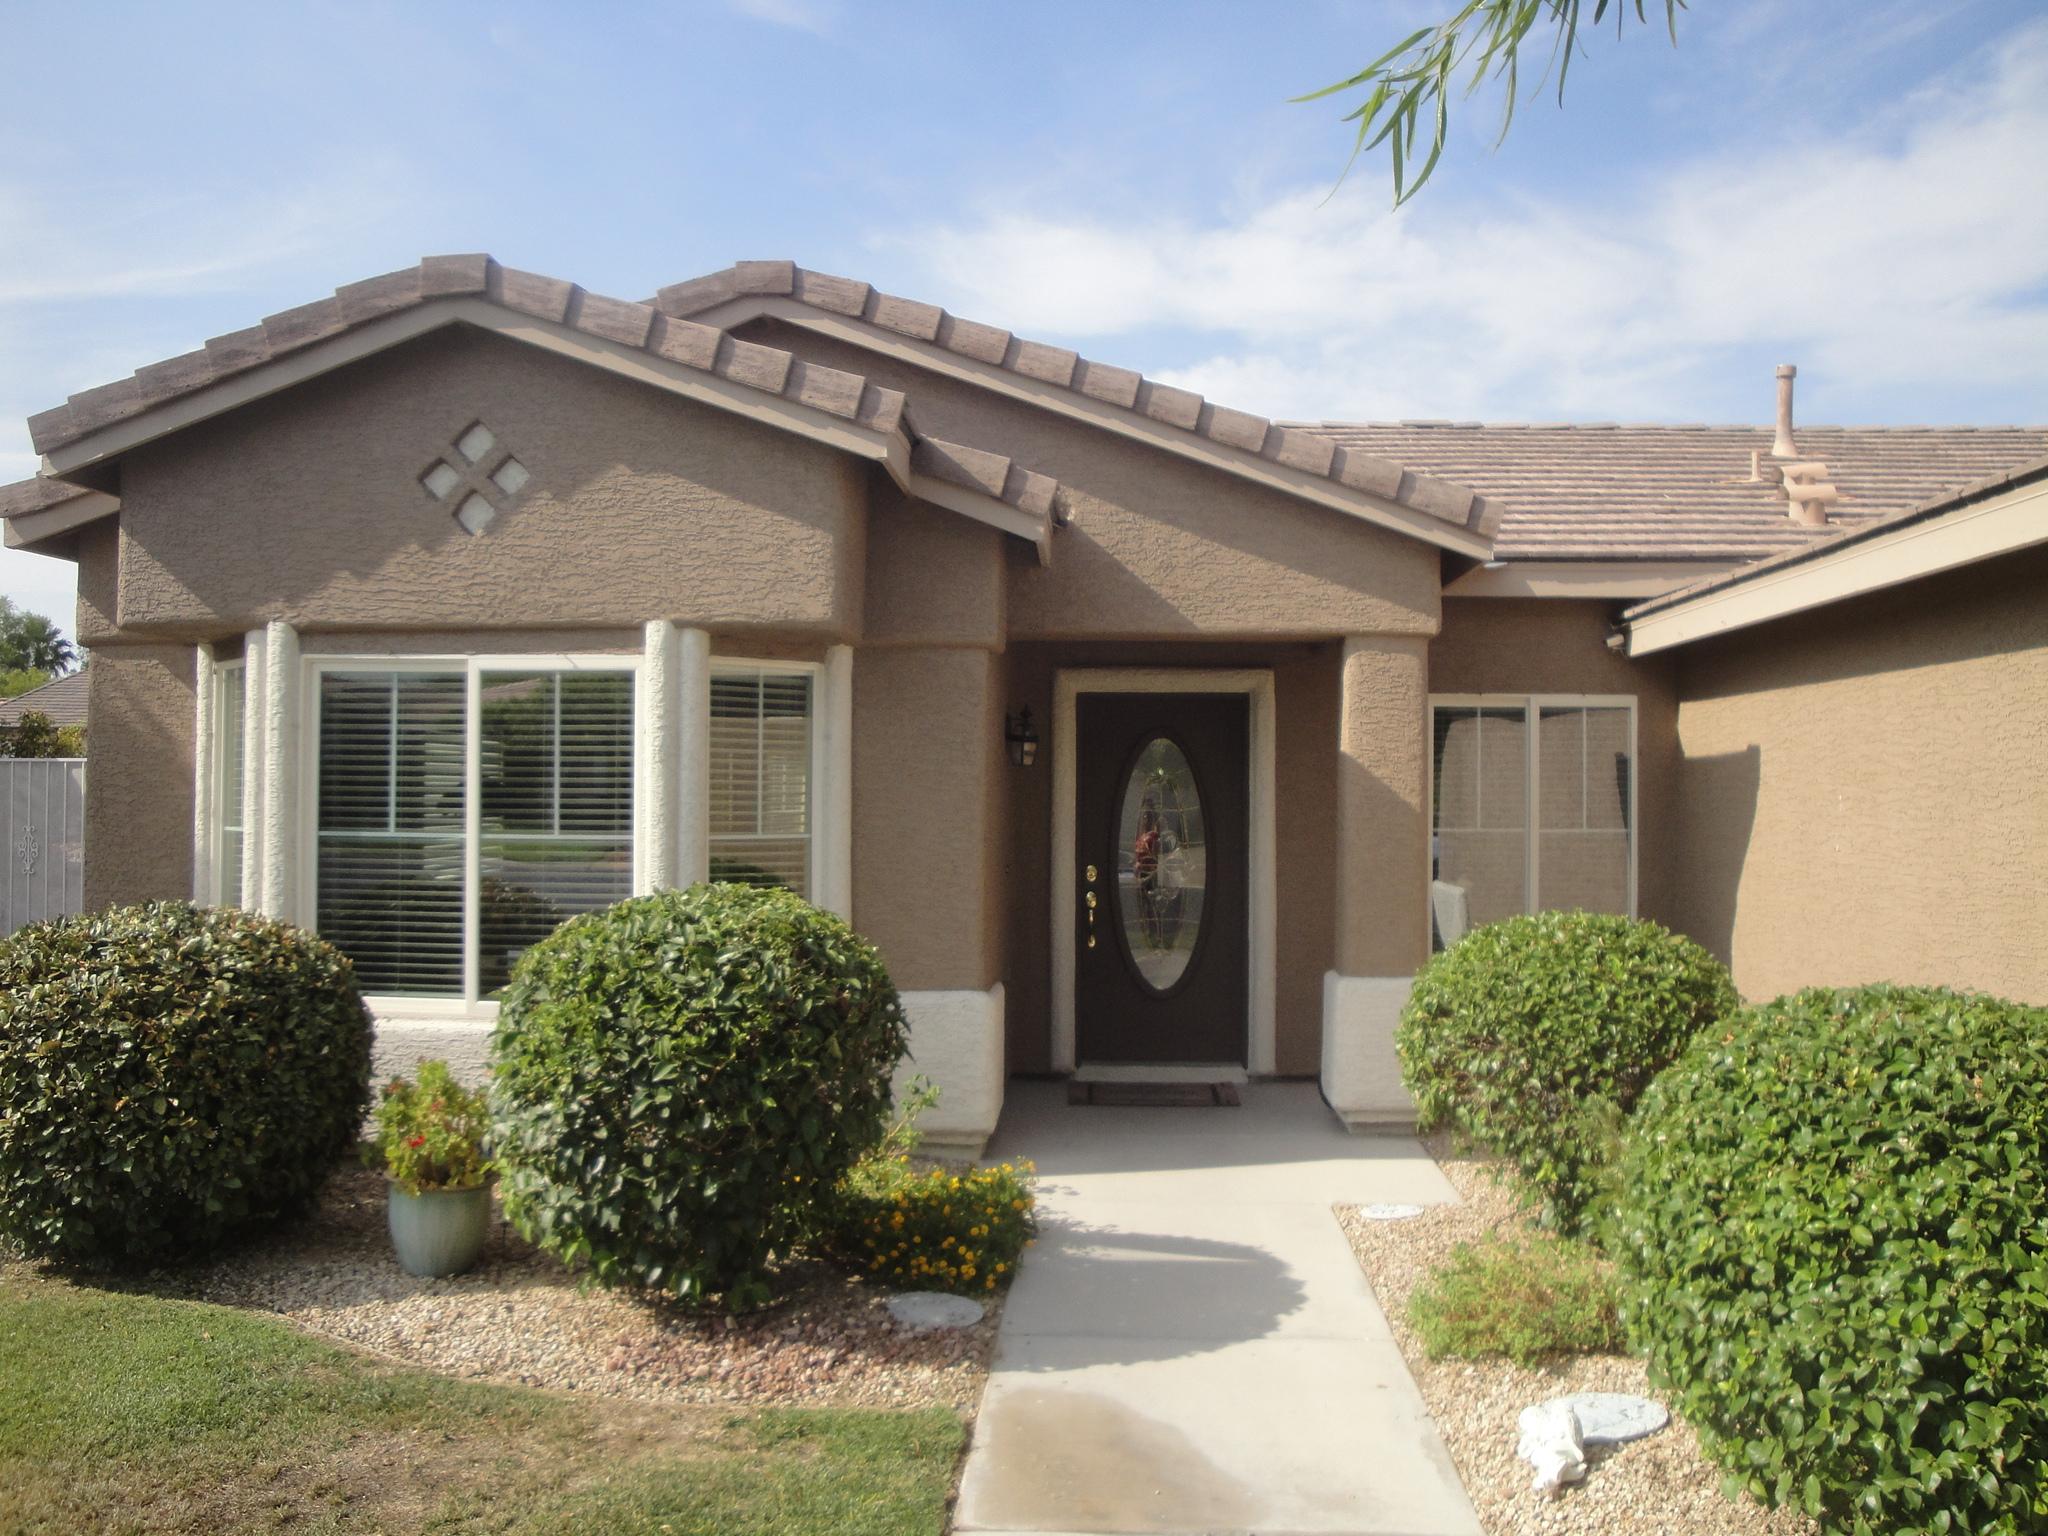 Tek Ailelik Ev için Satış at 8224 Risty Sandstone Ct 8224 Rusty Sandstone Ct Las Vegas, Nevada 89131 Amerika Birleşik Devletleri